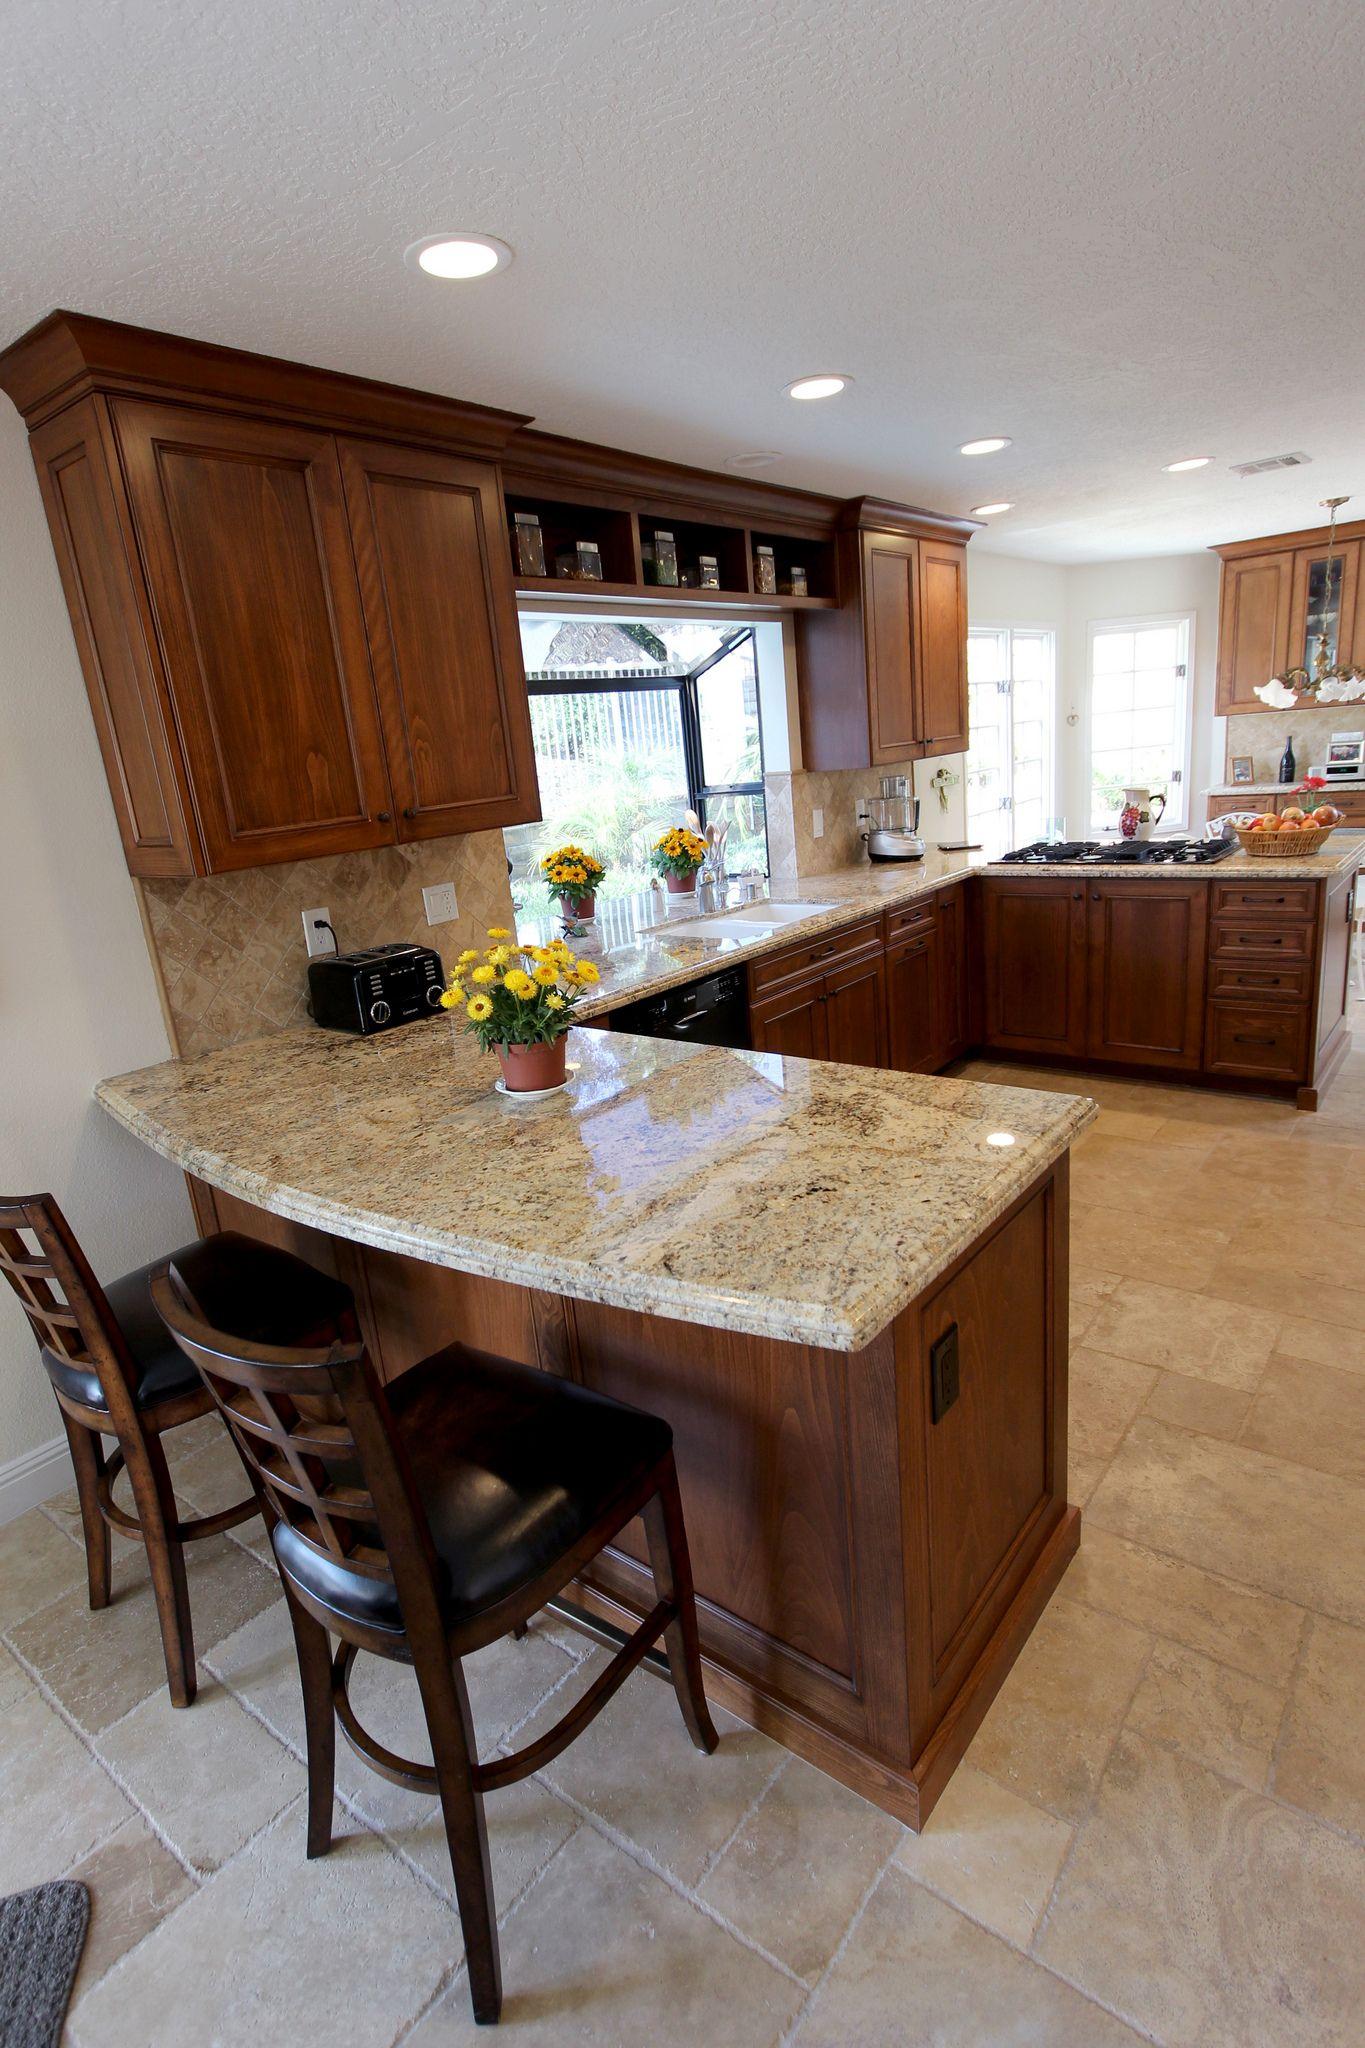 68 Mission Viejo Kitchen Bathroom Remodel En 2020 Cocinas